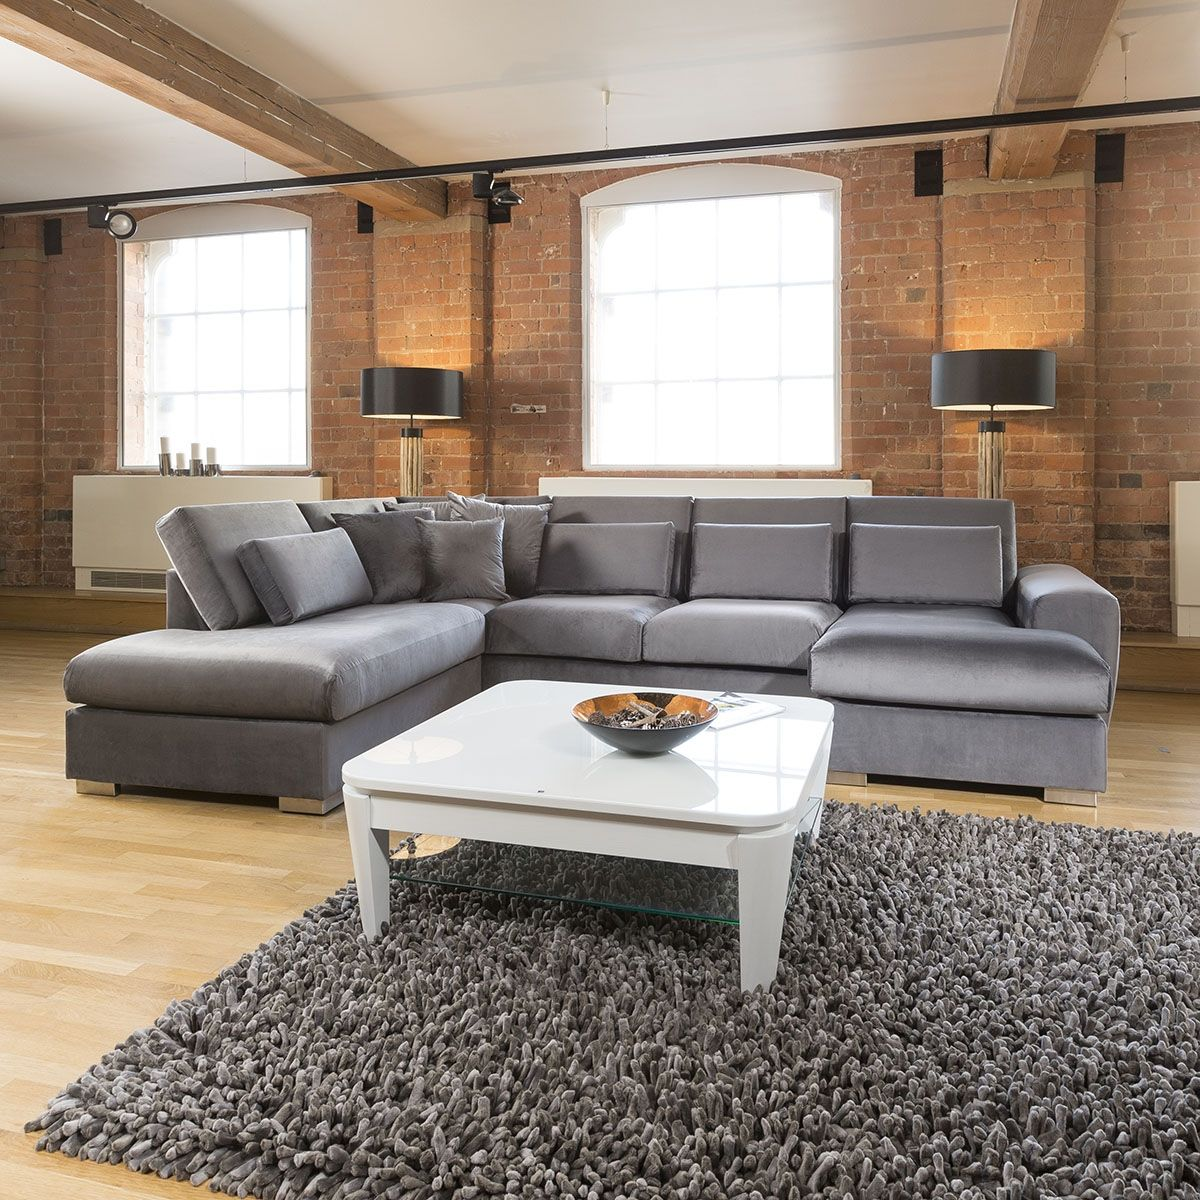 Stunning Corner Sofa Velvet Quatropi Ohio 5 Seater L Shaped Grey Stk19 Corner Sofa Living Room Sofa Velvet Sofa